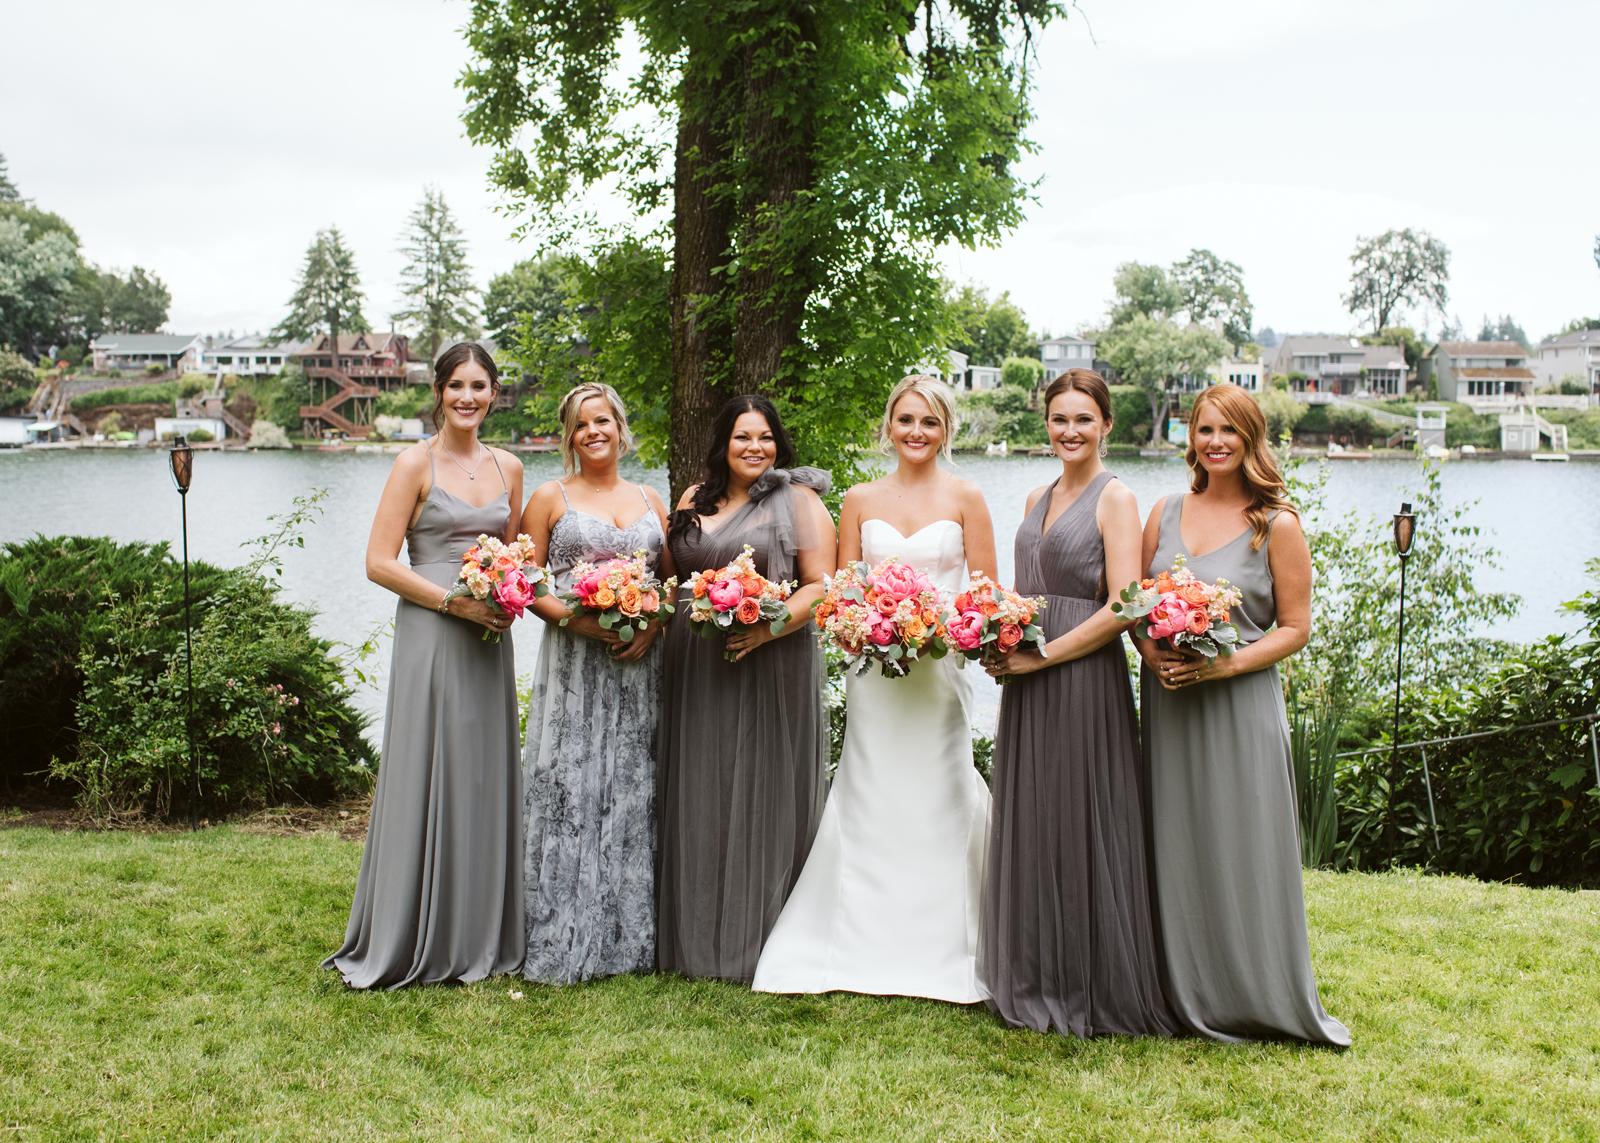 035-daronjackson-gabby-alec-wedding.jpg